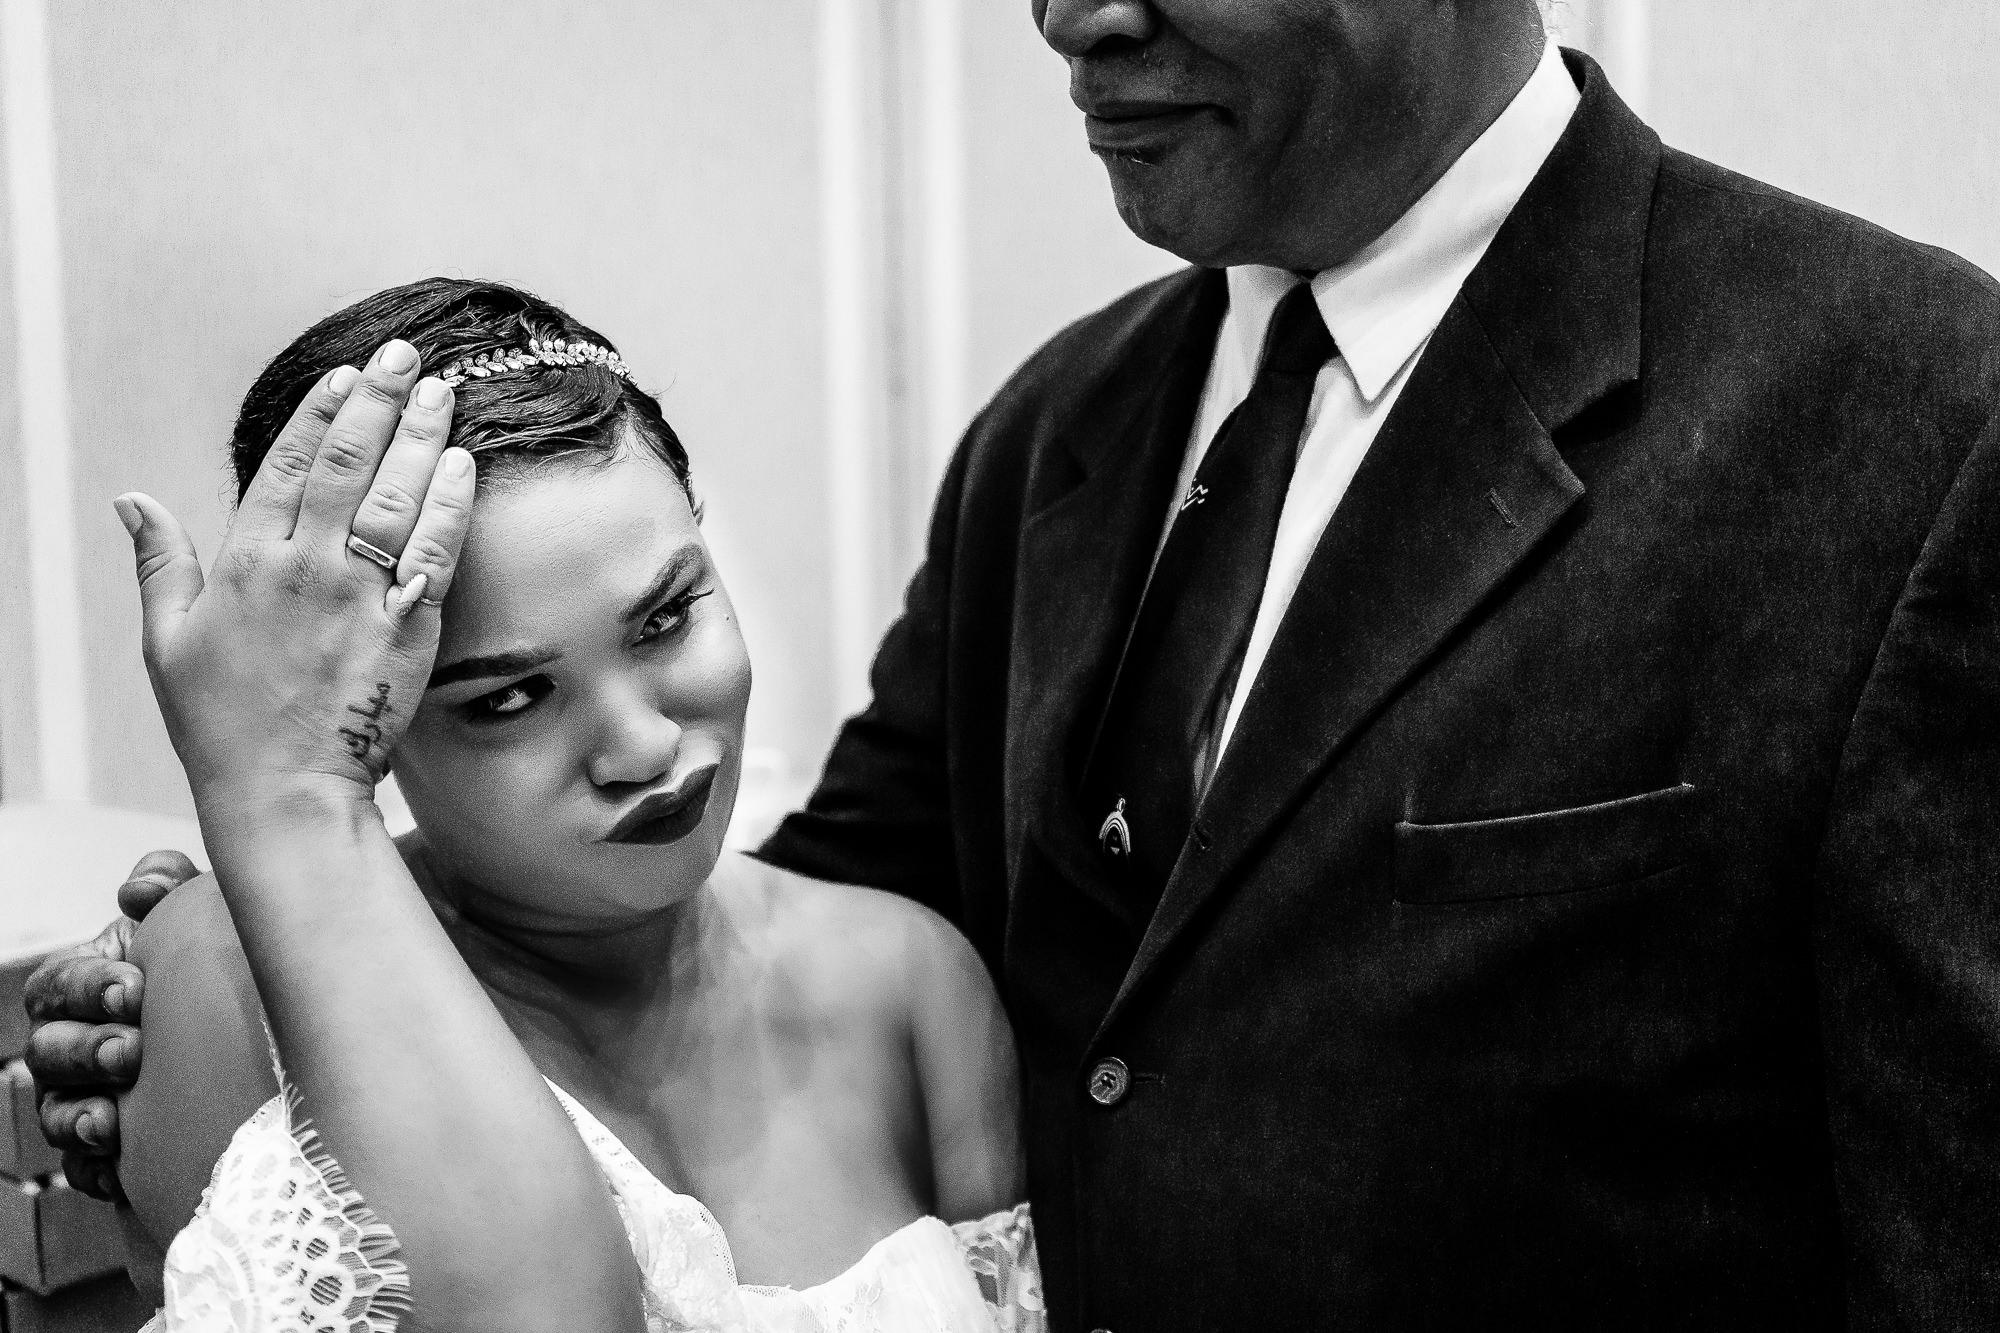 028-028-christopher-jason-studios-university-of-maryland-wedding-raheem-Devaughn-african-american-bride-and-groom.jpg